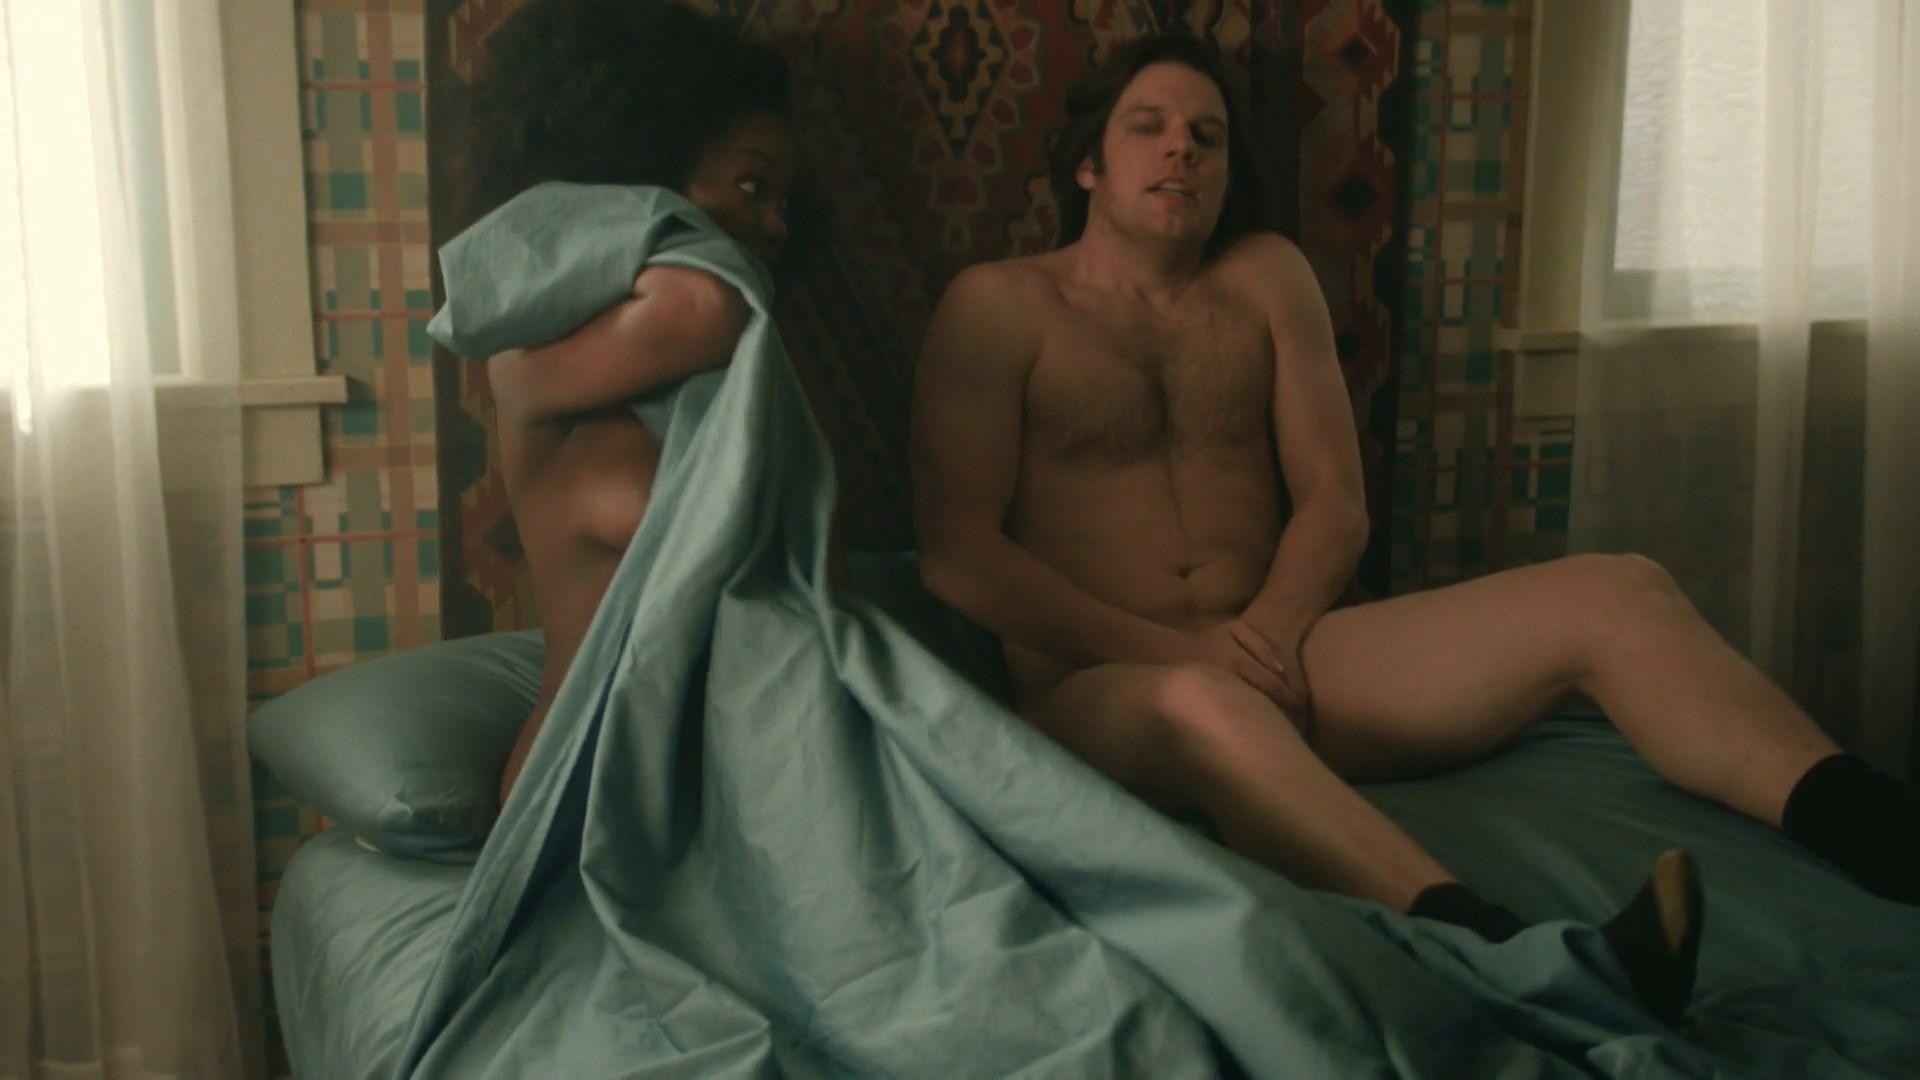 Xosha roquemore nude